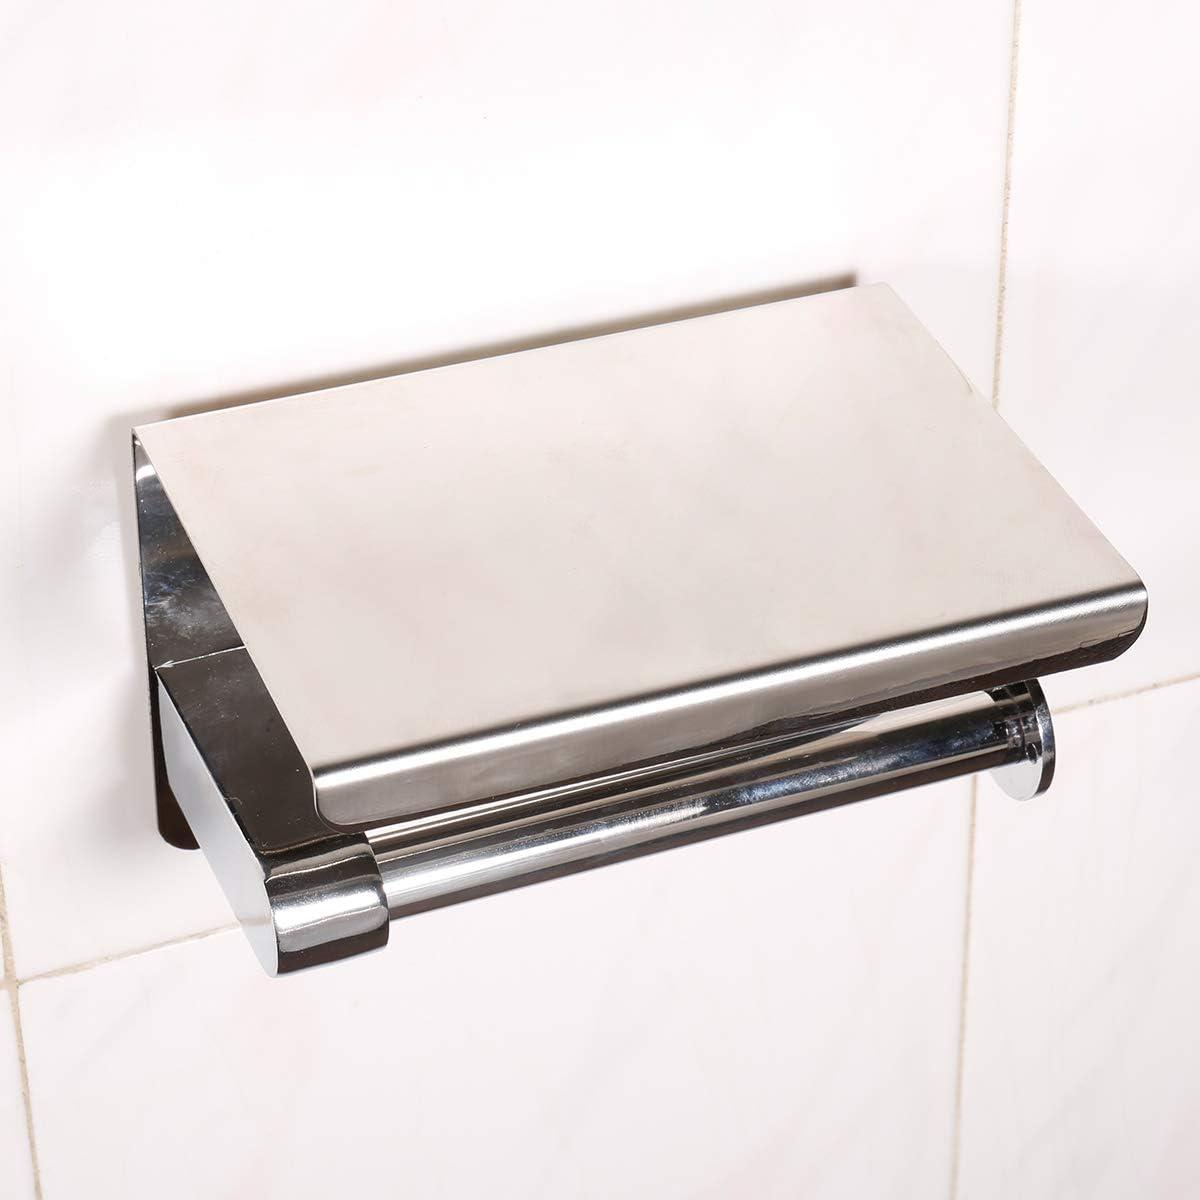 Plata Acero inoxidable SUS304 portarrollos ba/ño adhesivo Plata1 Porta Rollos de Papel Higienico con el Tel/éfono M/óvil Estante de Almacenamiento Portarrollos para Papel Higi/énico